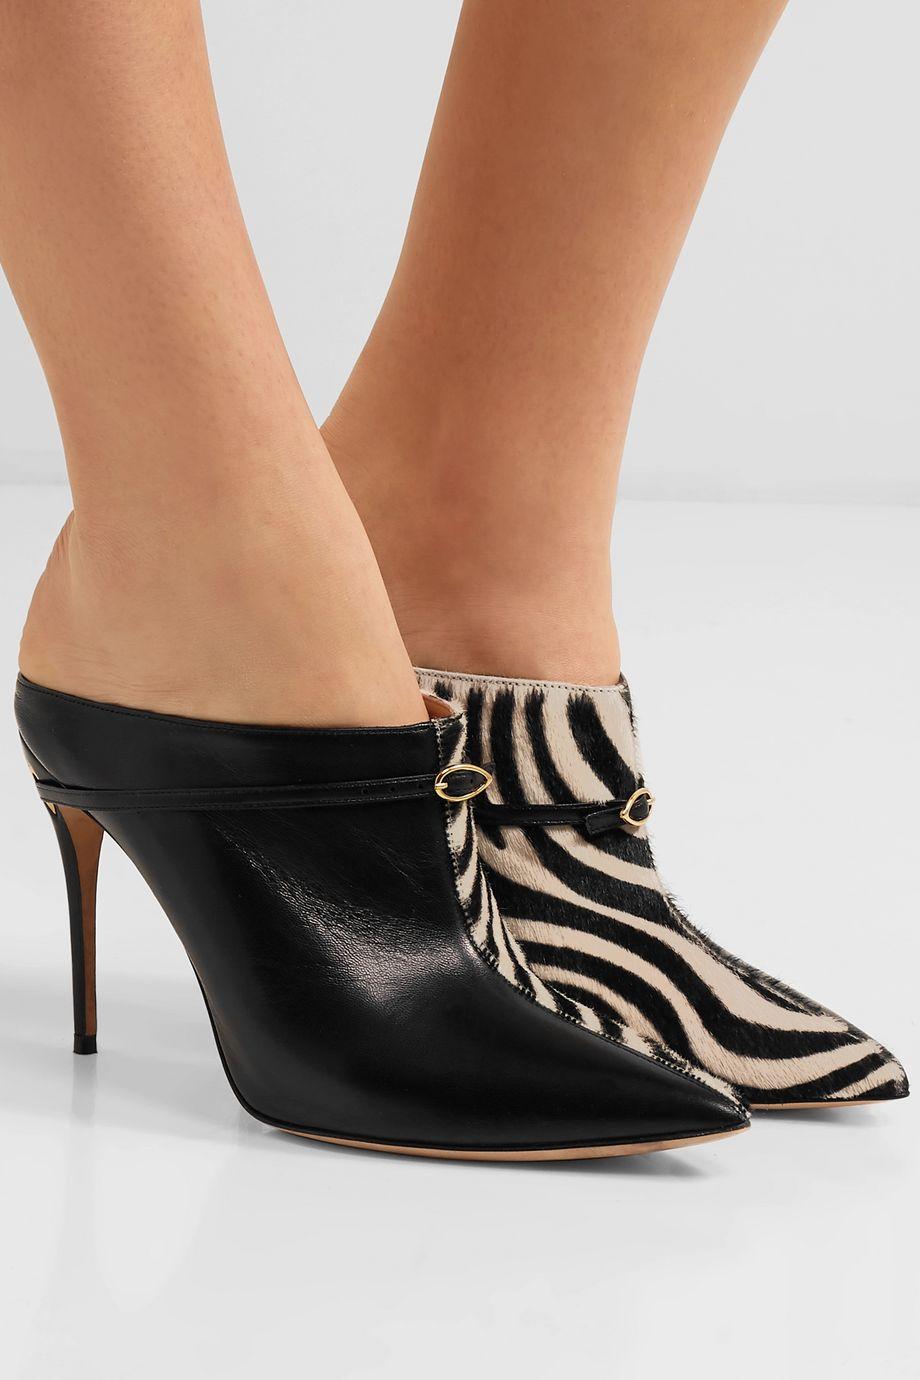 Jennifer Chamandi Alberto 105 zebra-print calf hair and leather mules